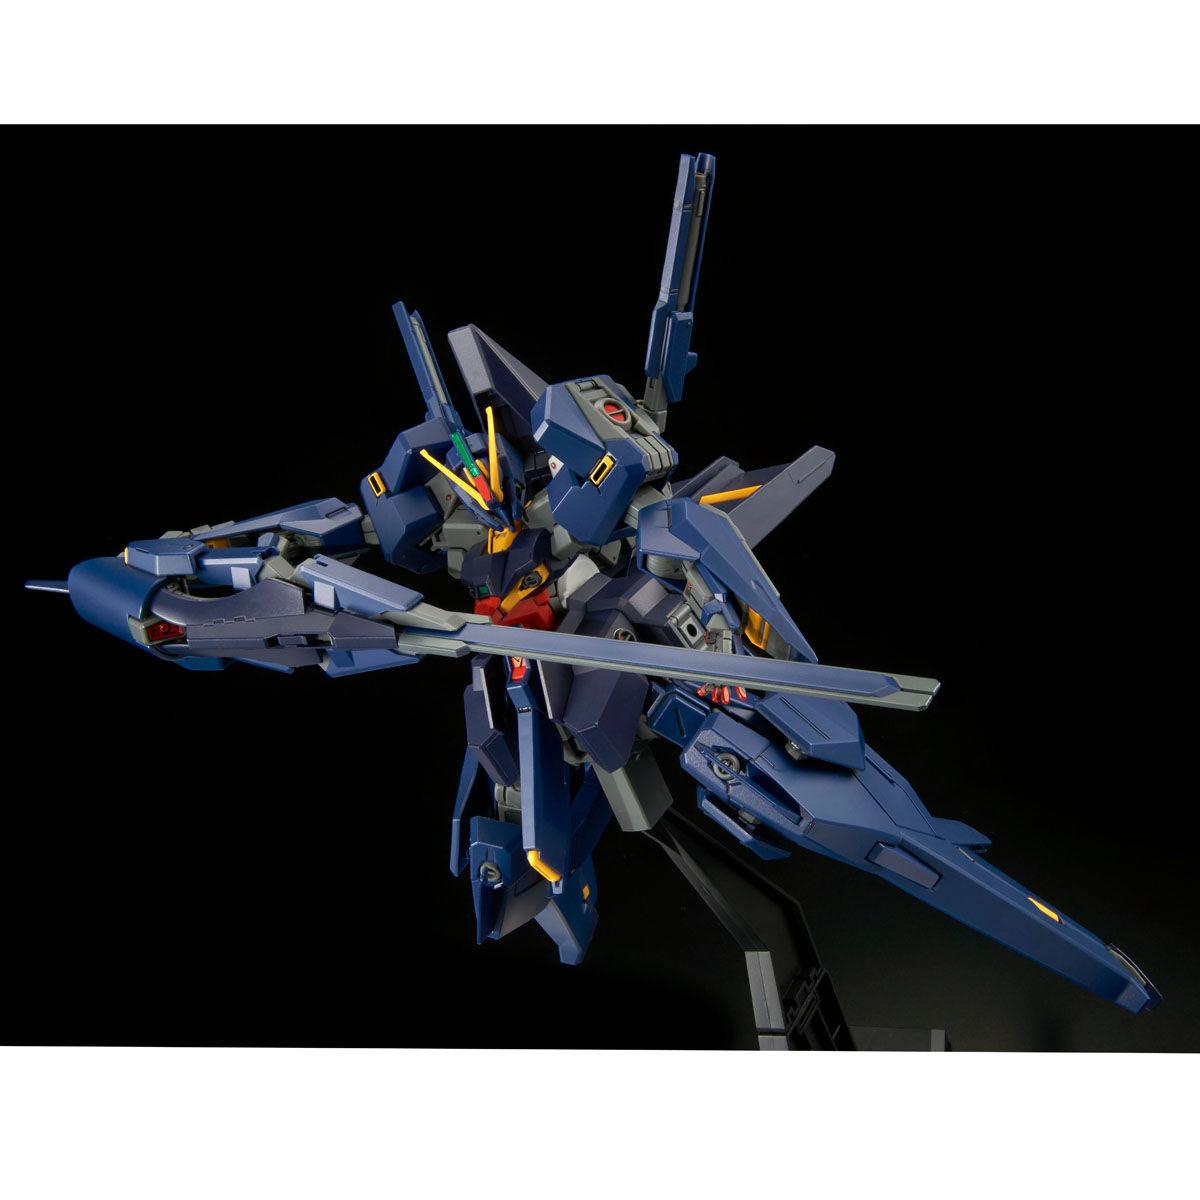 【限定販売】HG 1/144『ガンダムTR-6[ハイゼンスレイII]』プラモデル-005